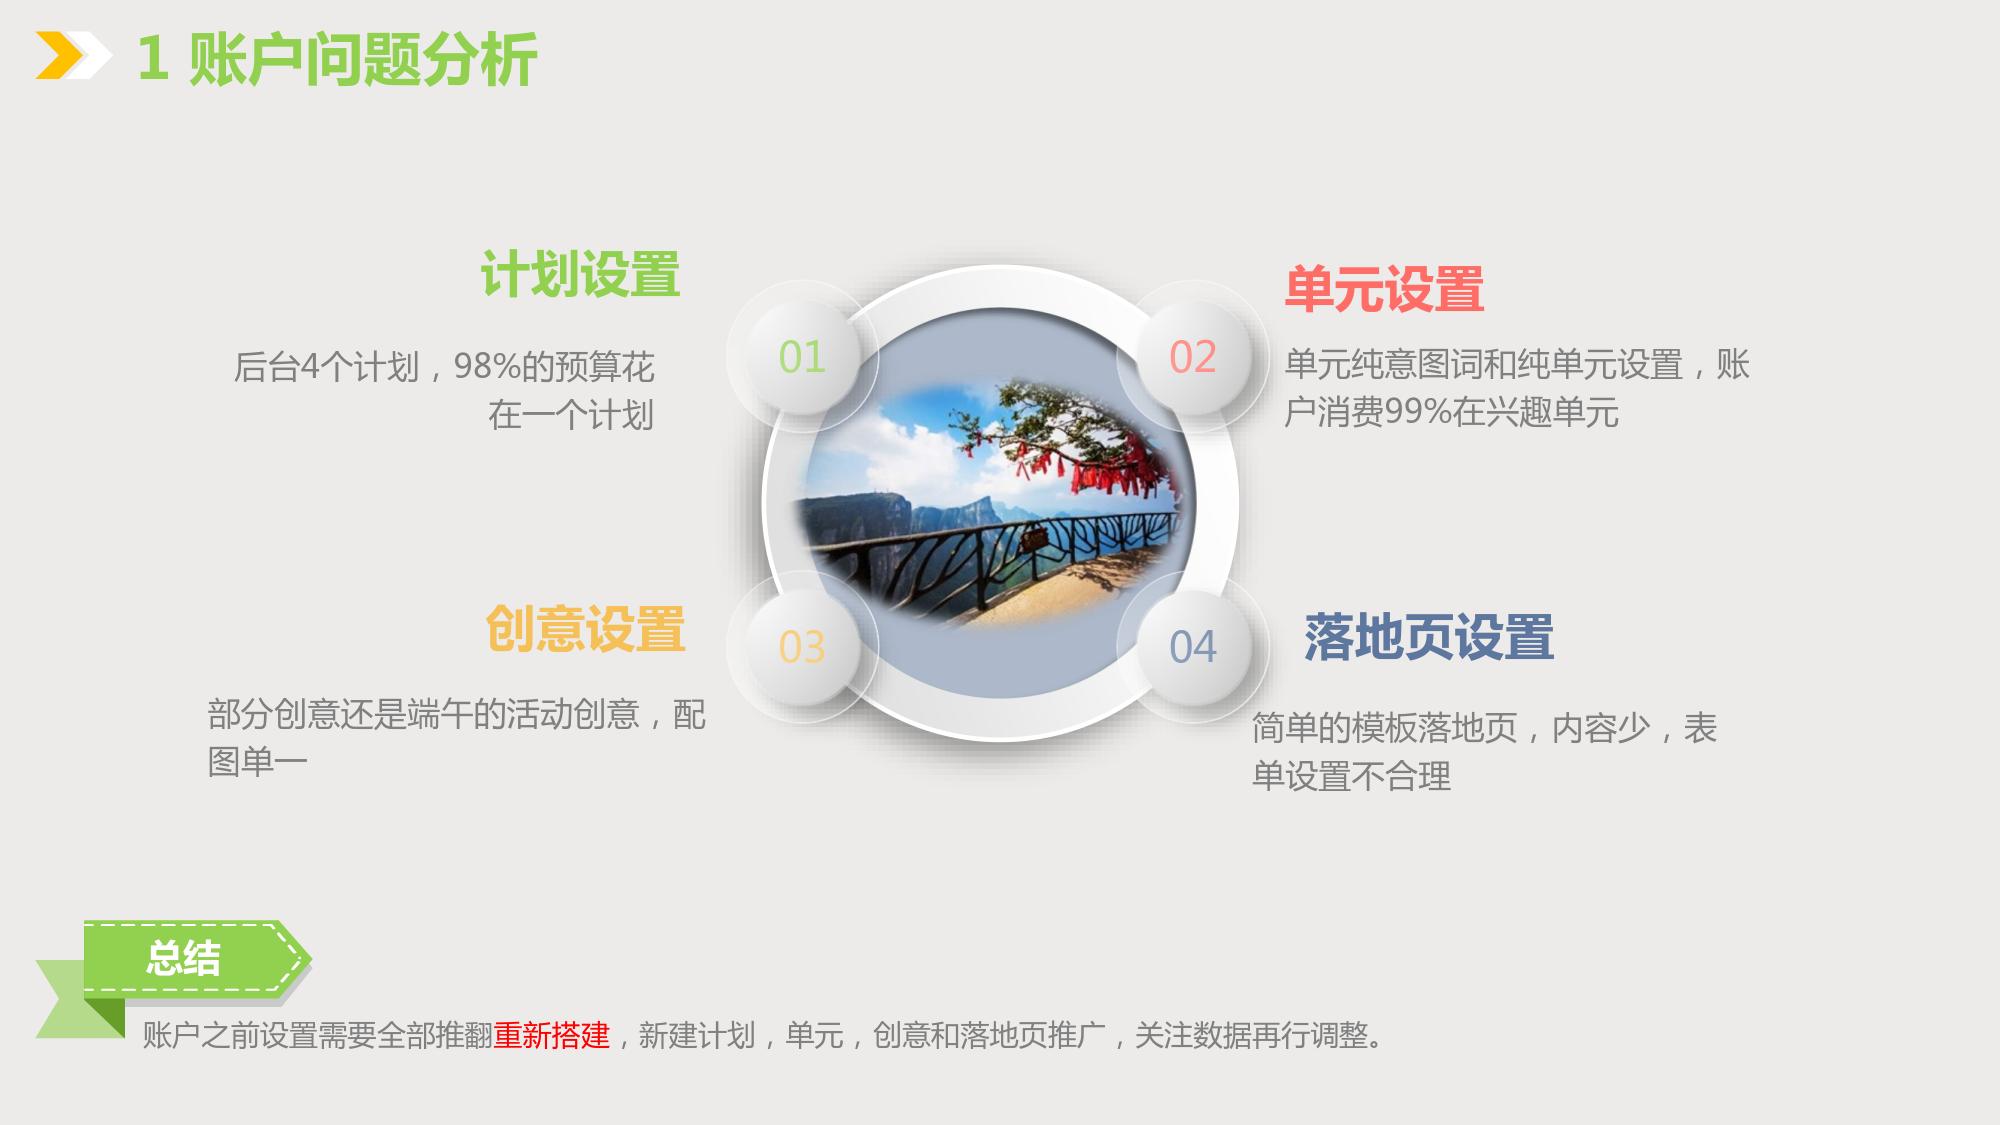 F1+diyipu+旅游及票务-周亚_8.png